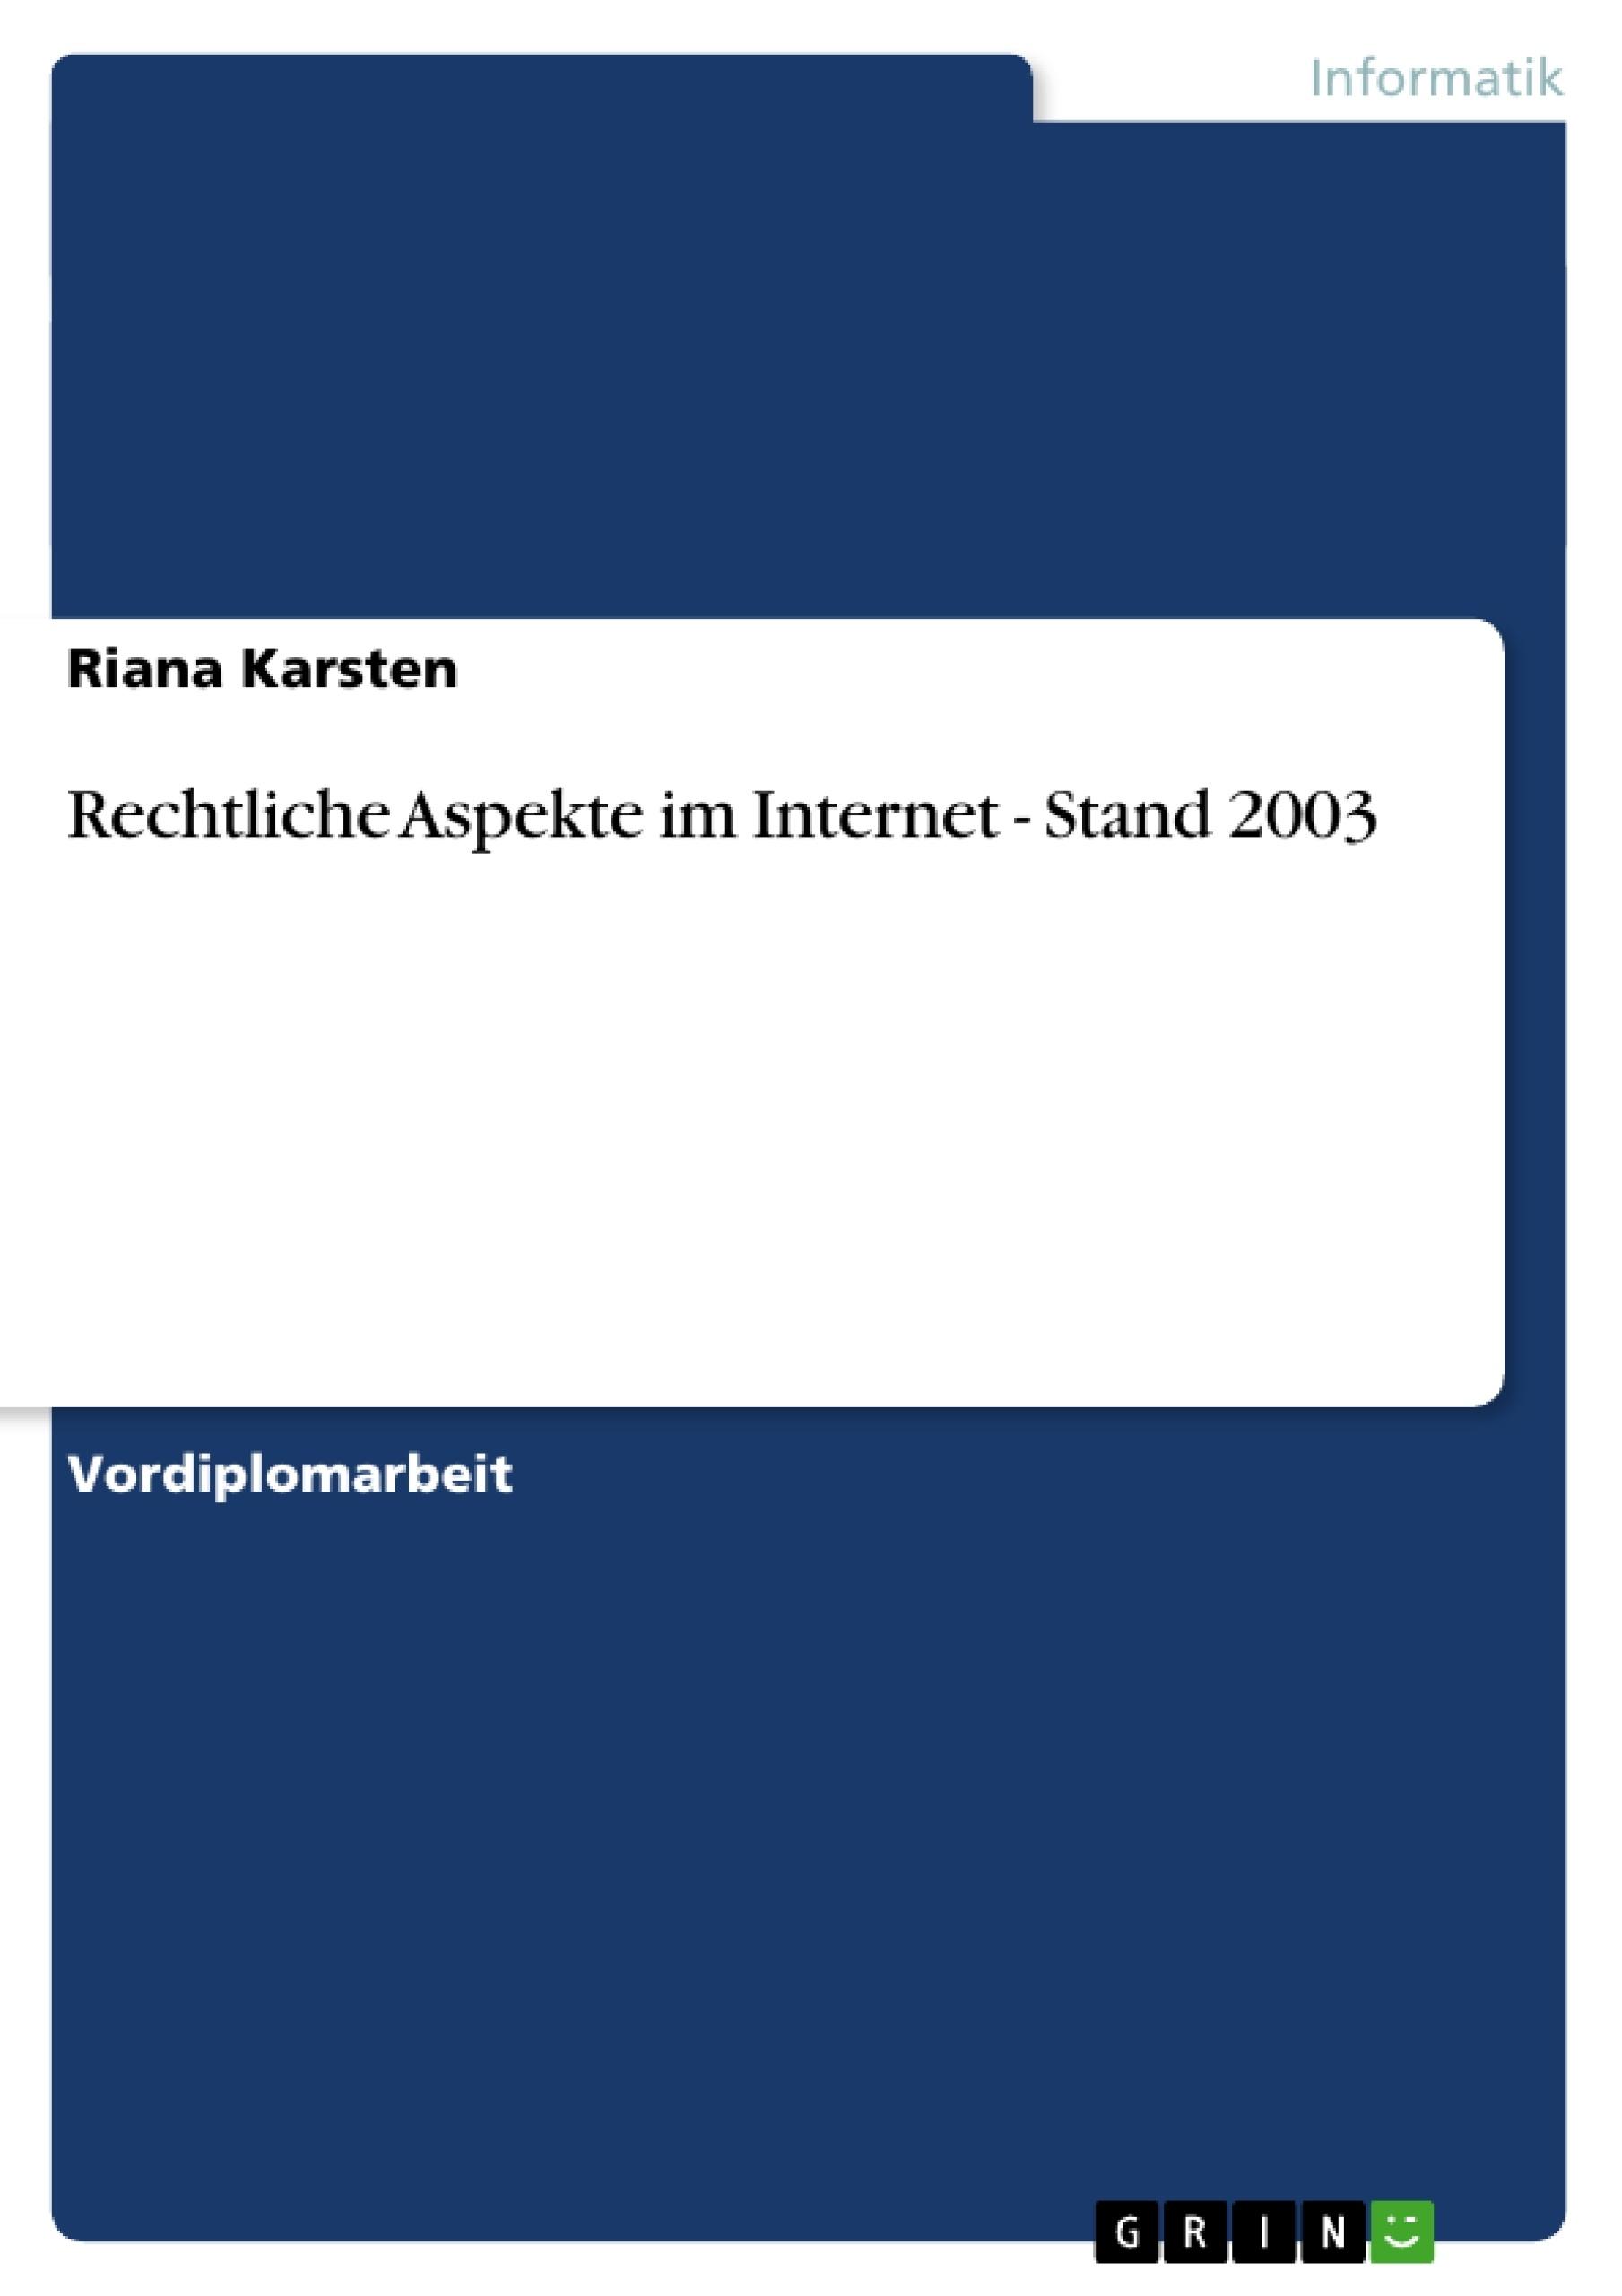 Titel: Rechtliche Aspekte im Internet - Stand 2003